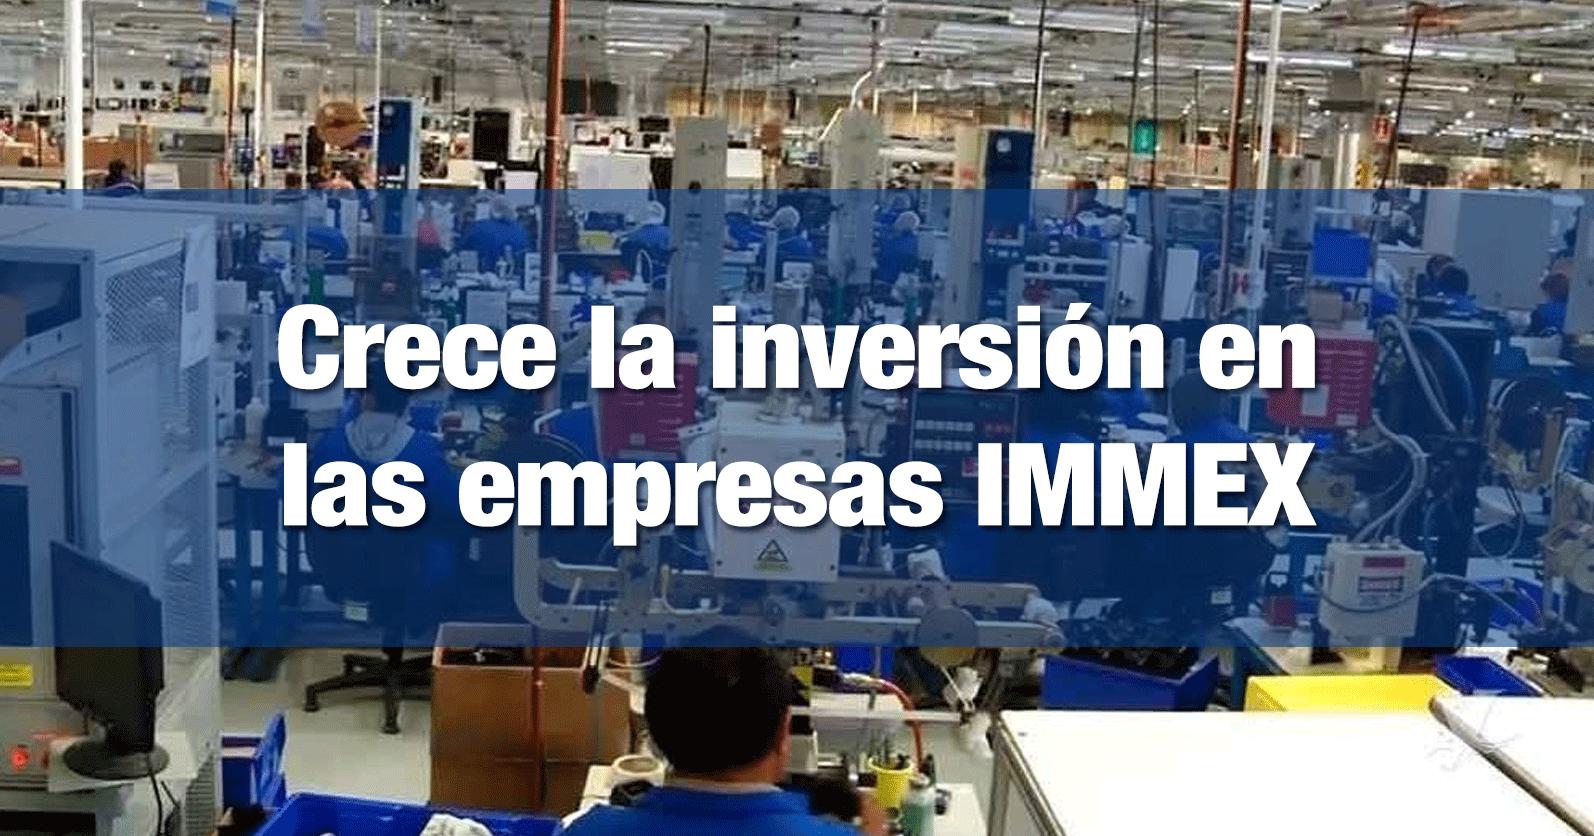 Crece la inversión en las empresas IMMEX